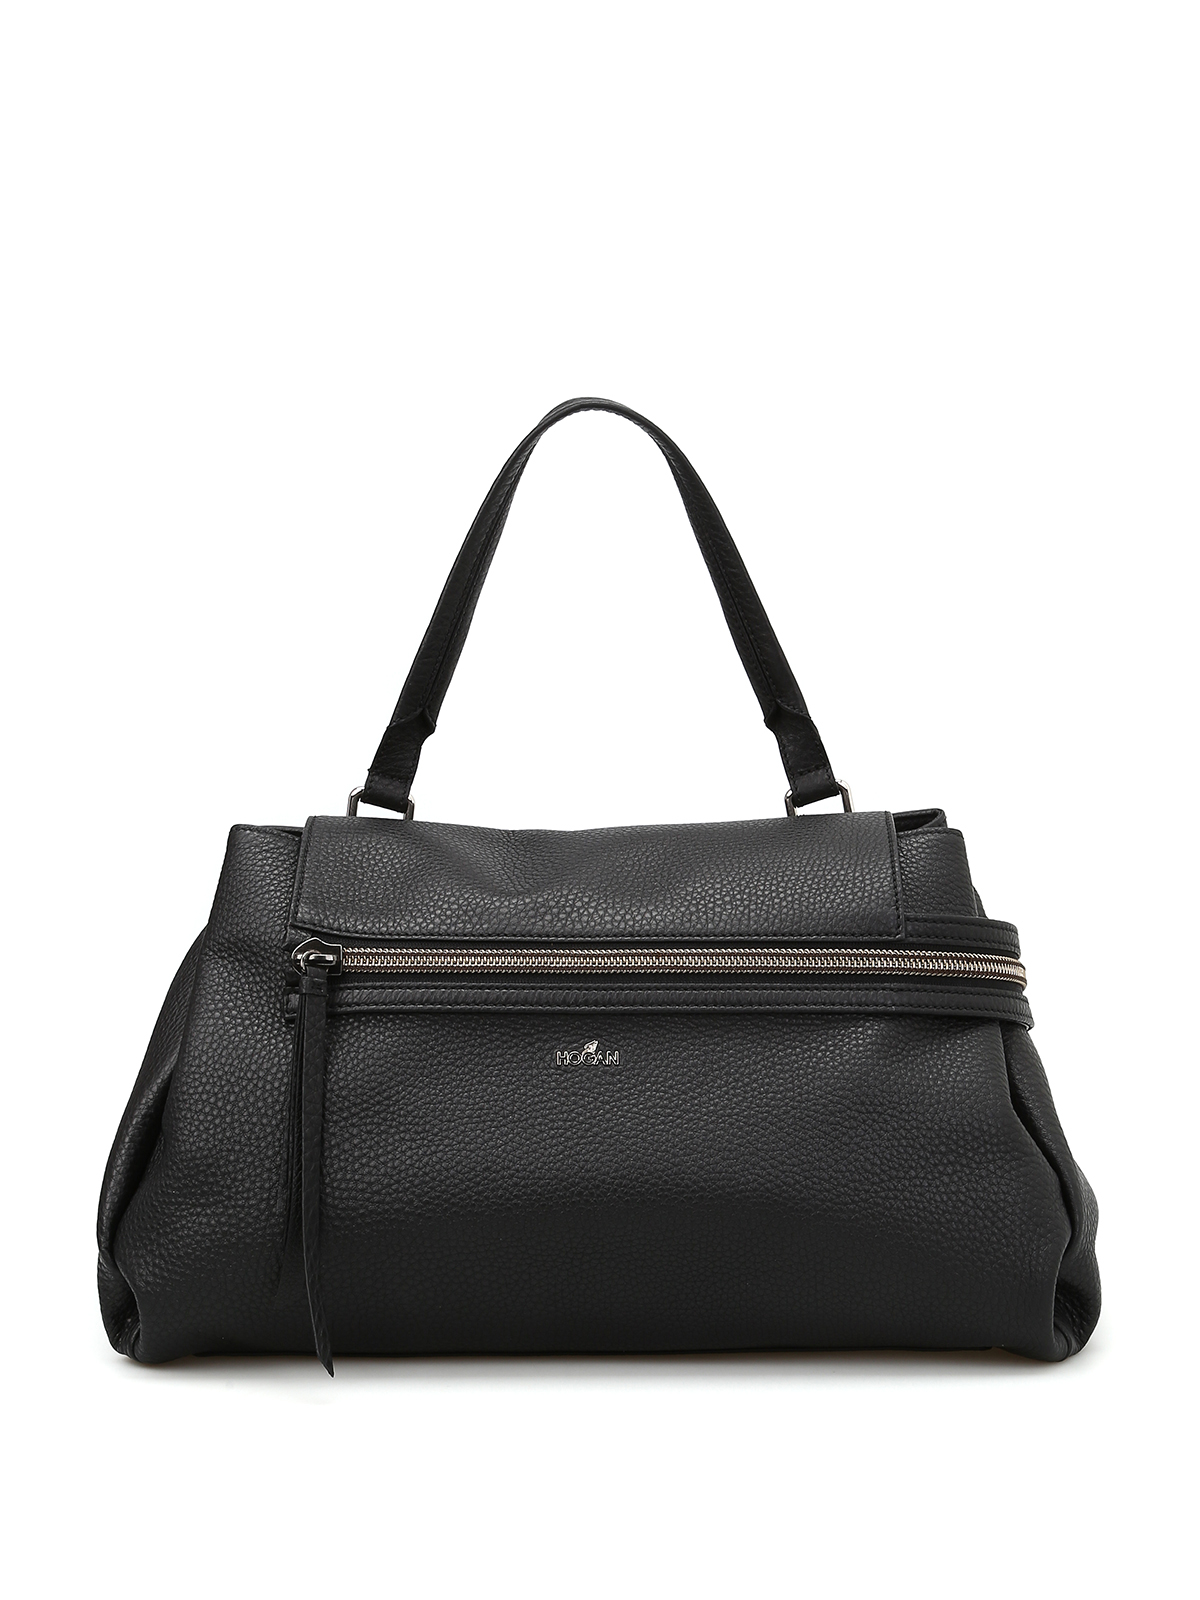 Hogan - Borsa Horizontal Shopping Clubbing - bauletti ... 7e3e9b2e91a